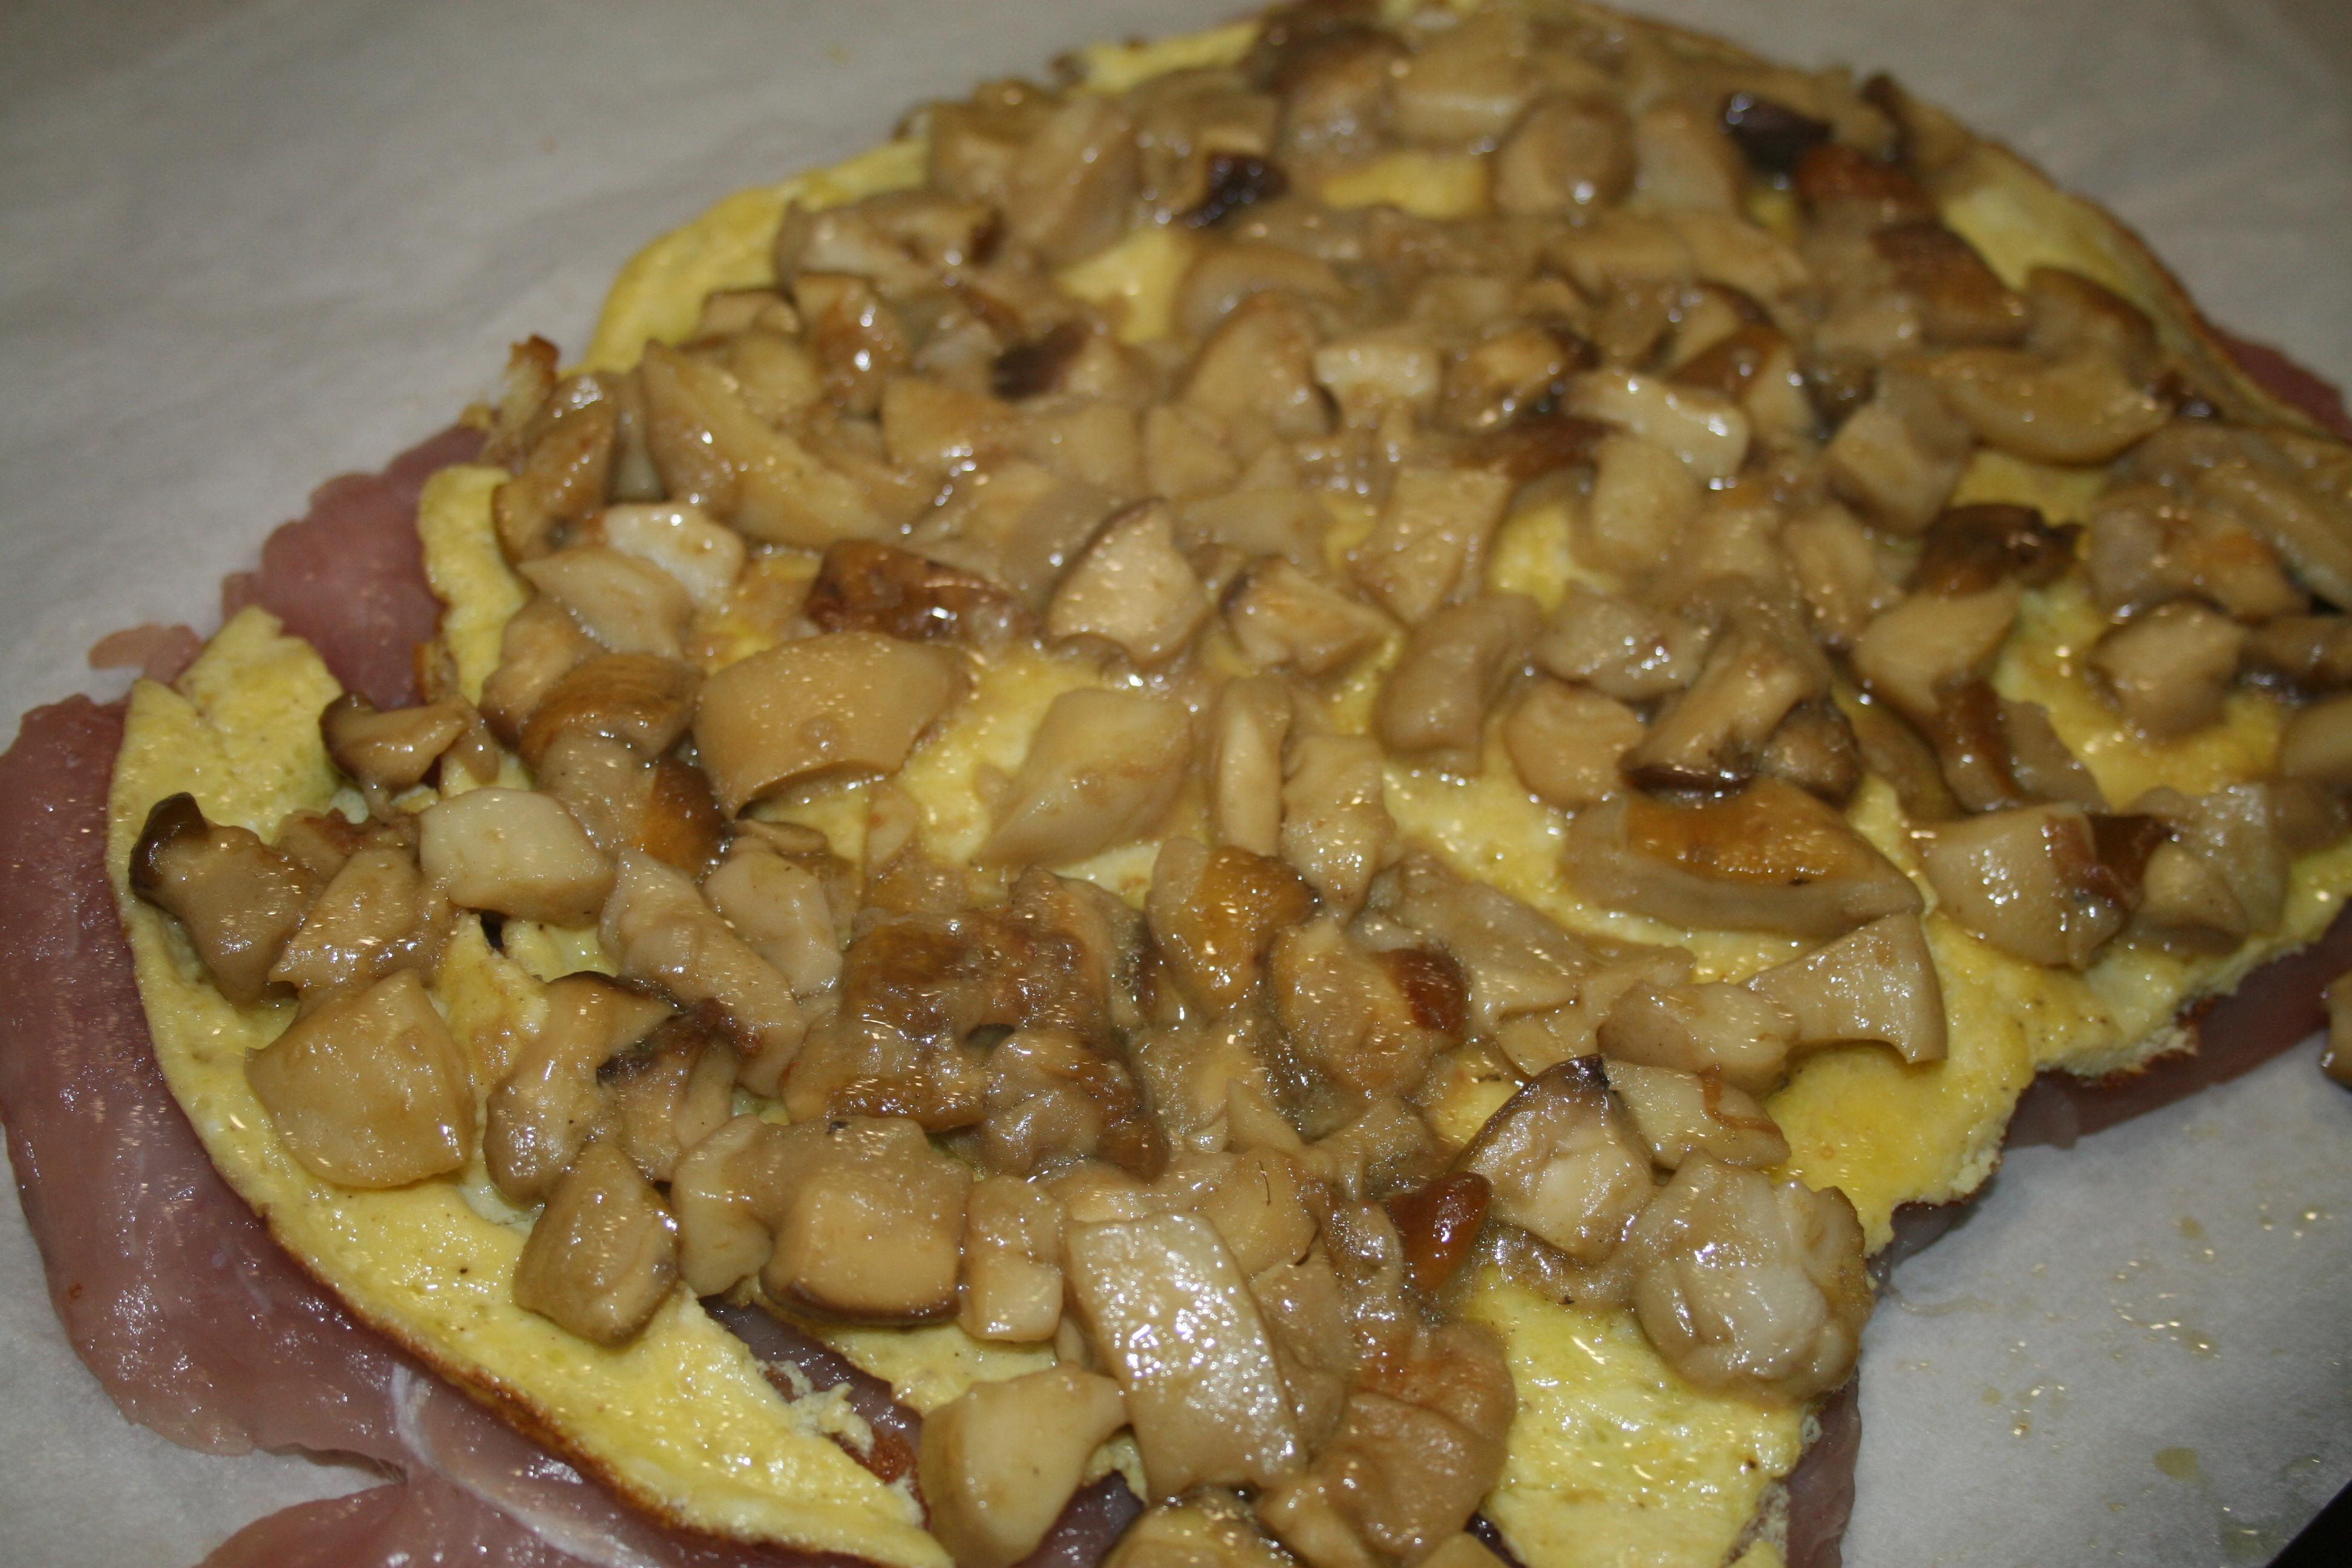 rolle' di tacchino farcito con frittata e porcini(ricetta di carne) - Come Cucinare Il Rollè Di Tacchino